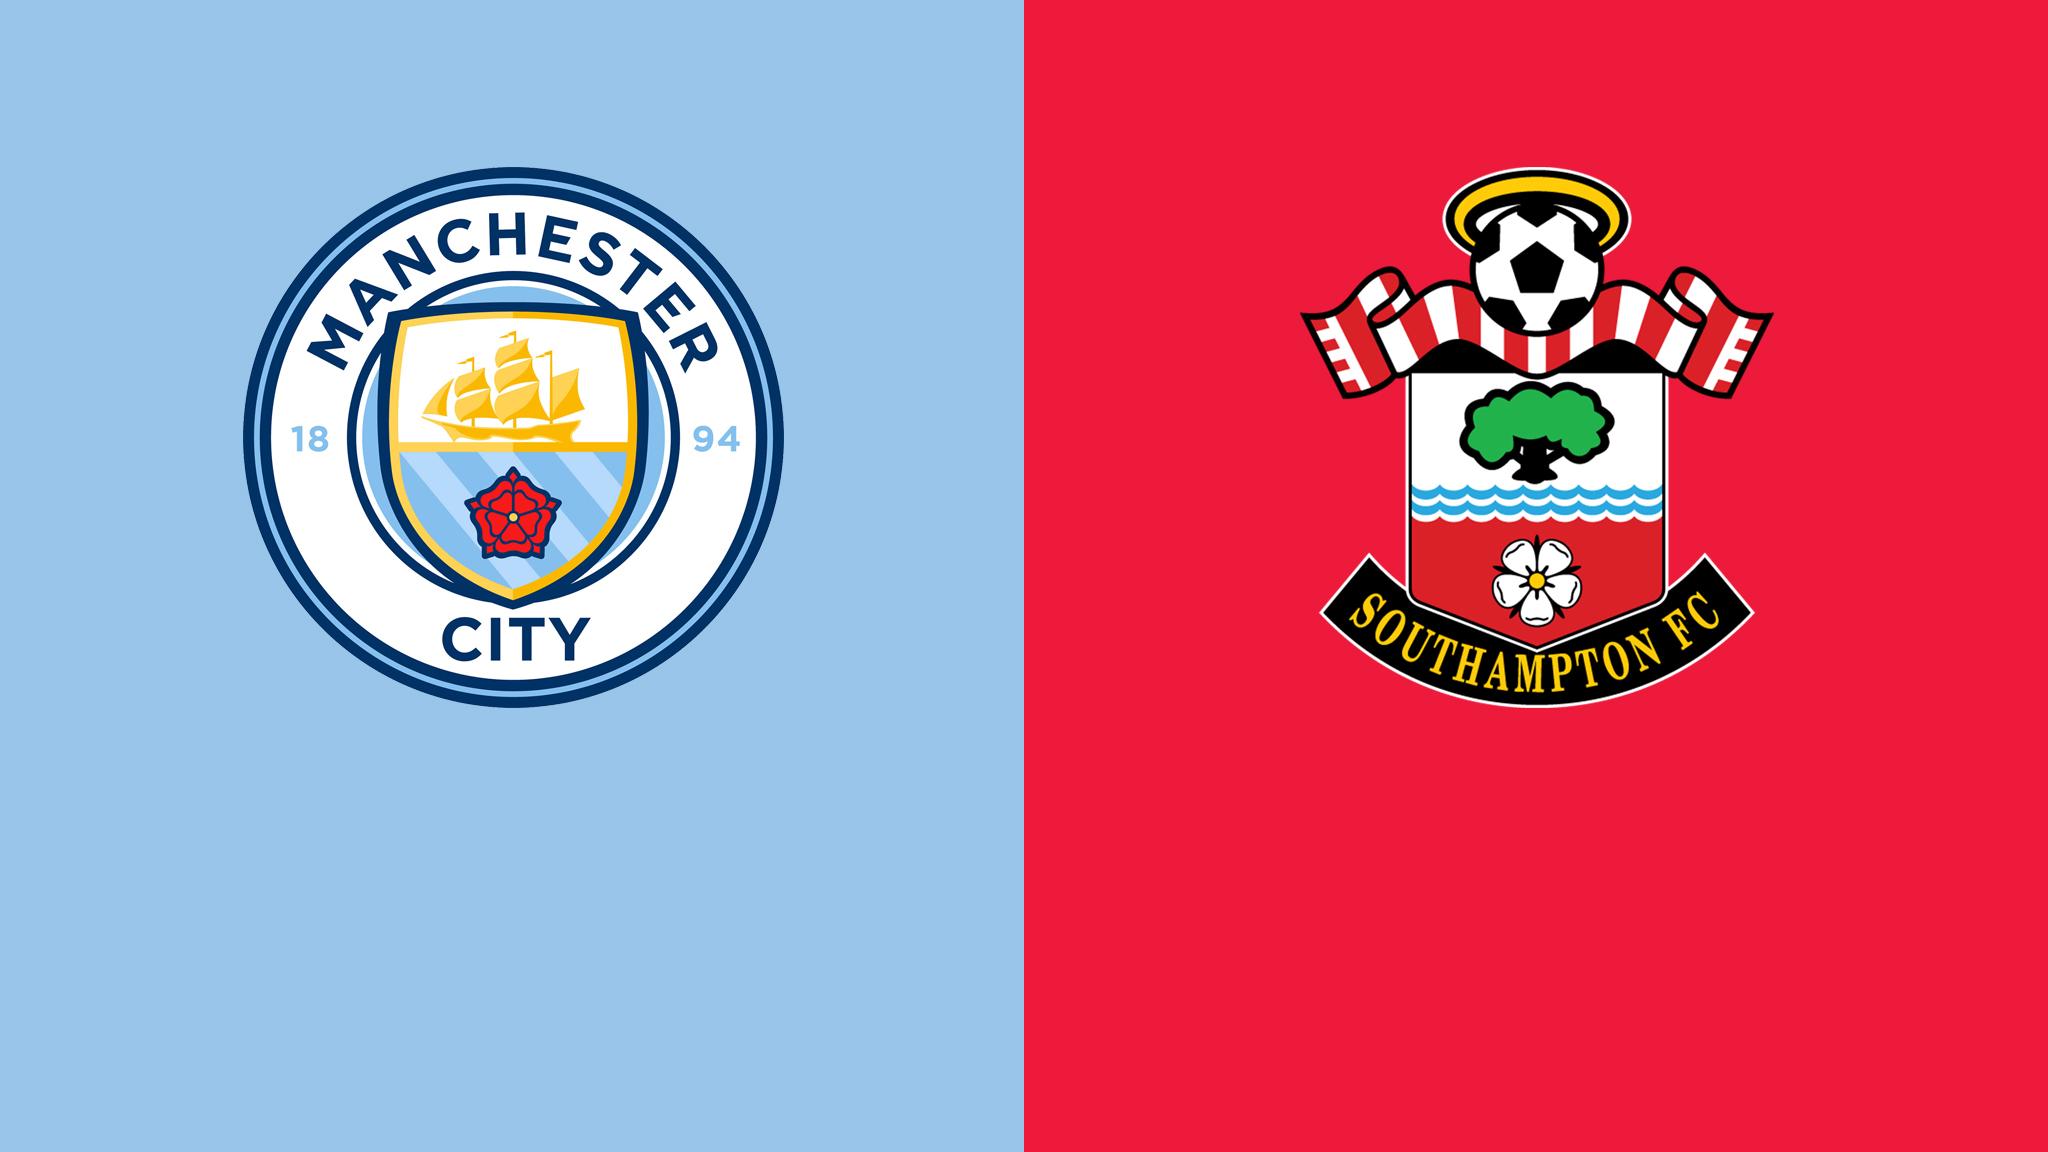 موعد مباراة مان سيتي ضد ساوثهامبتون اليوم والقنوات الناقلة في الدوري الإنجليزي